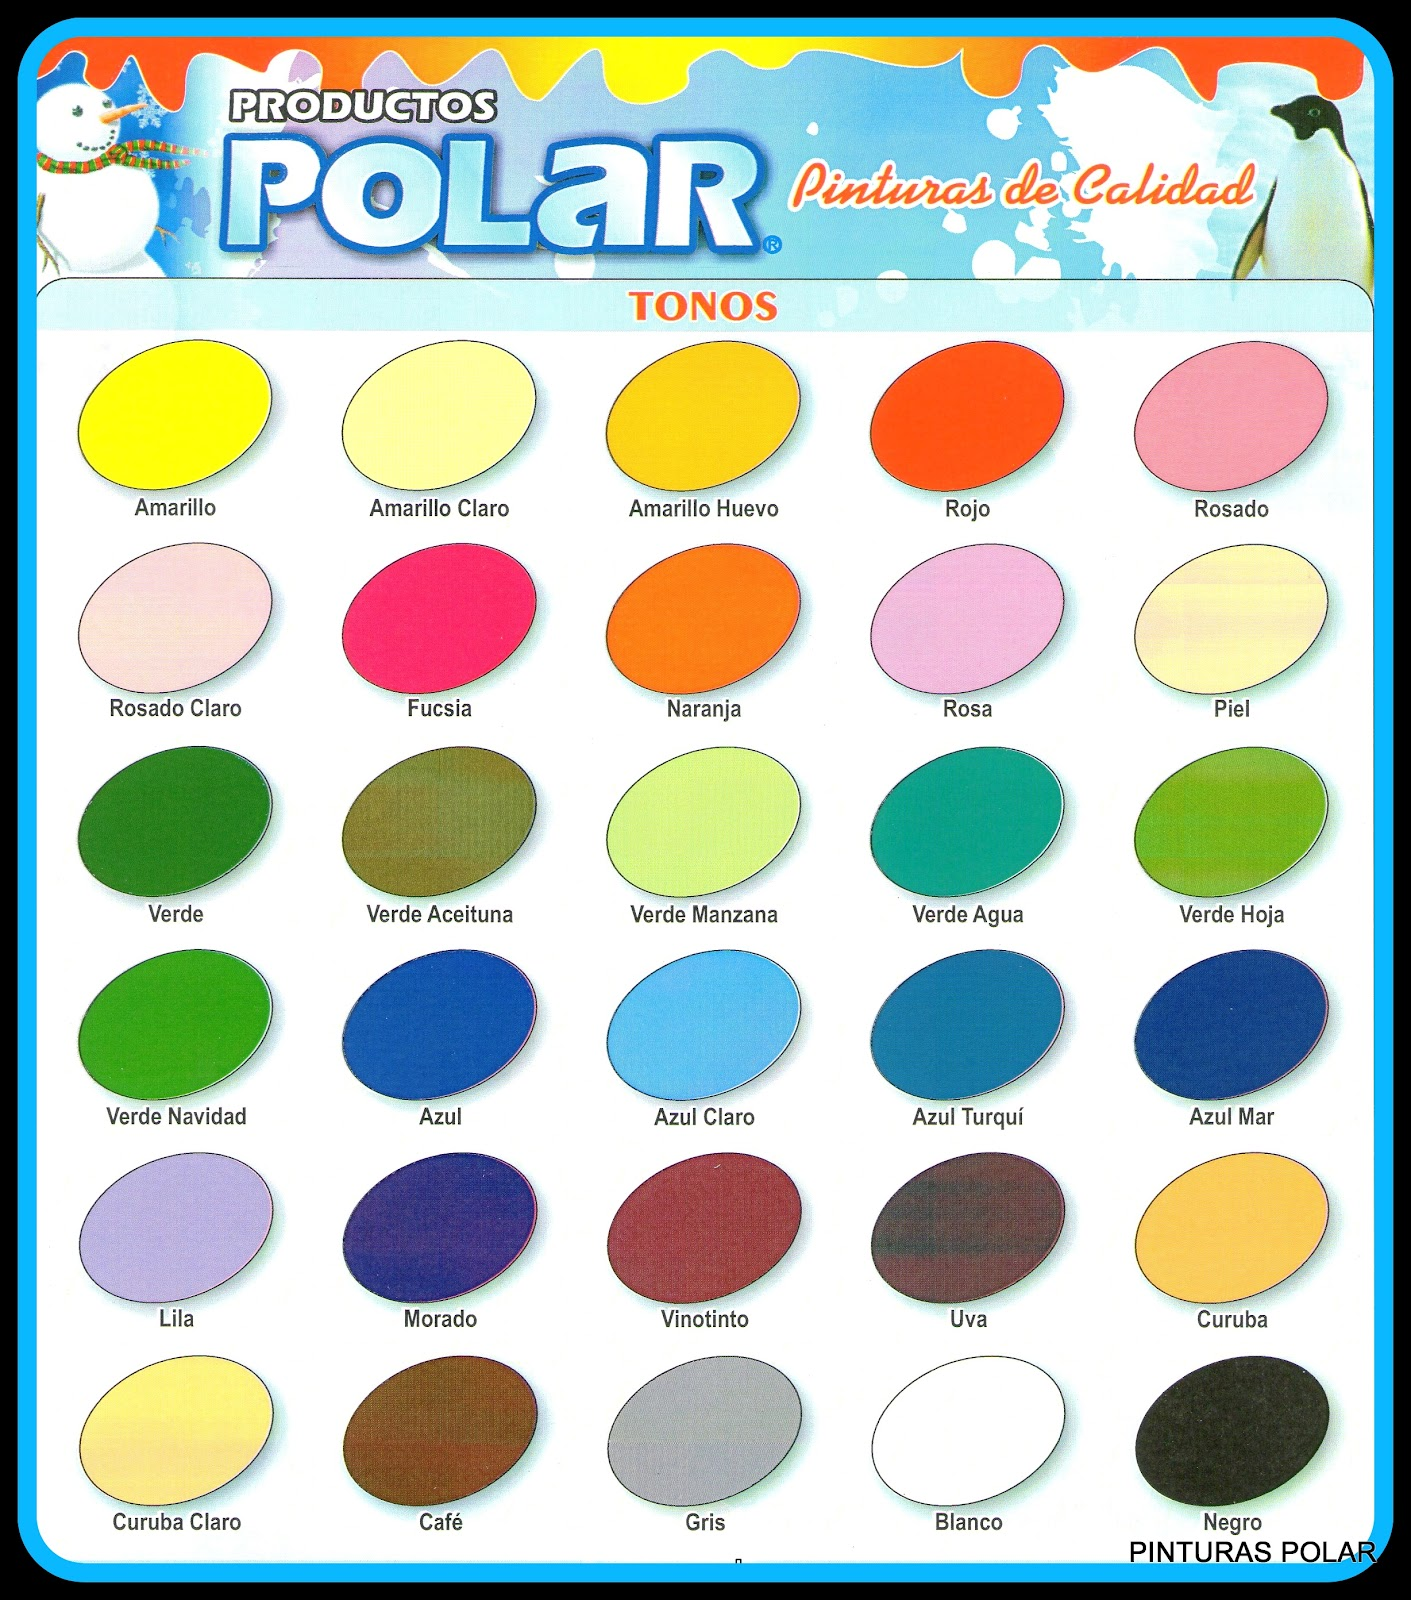 Pinturas polar 2018 enero 2013 - Carta de colores azules ...